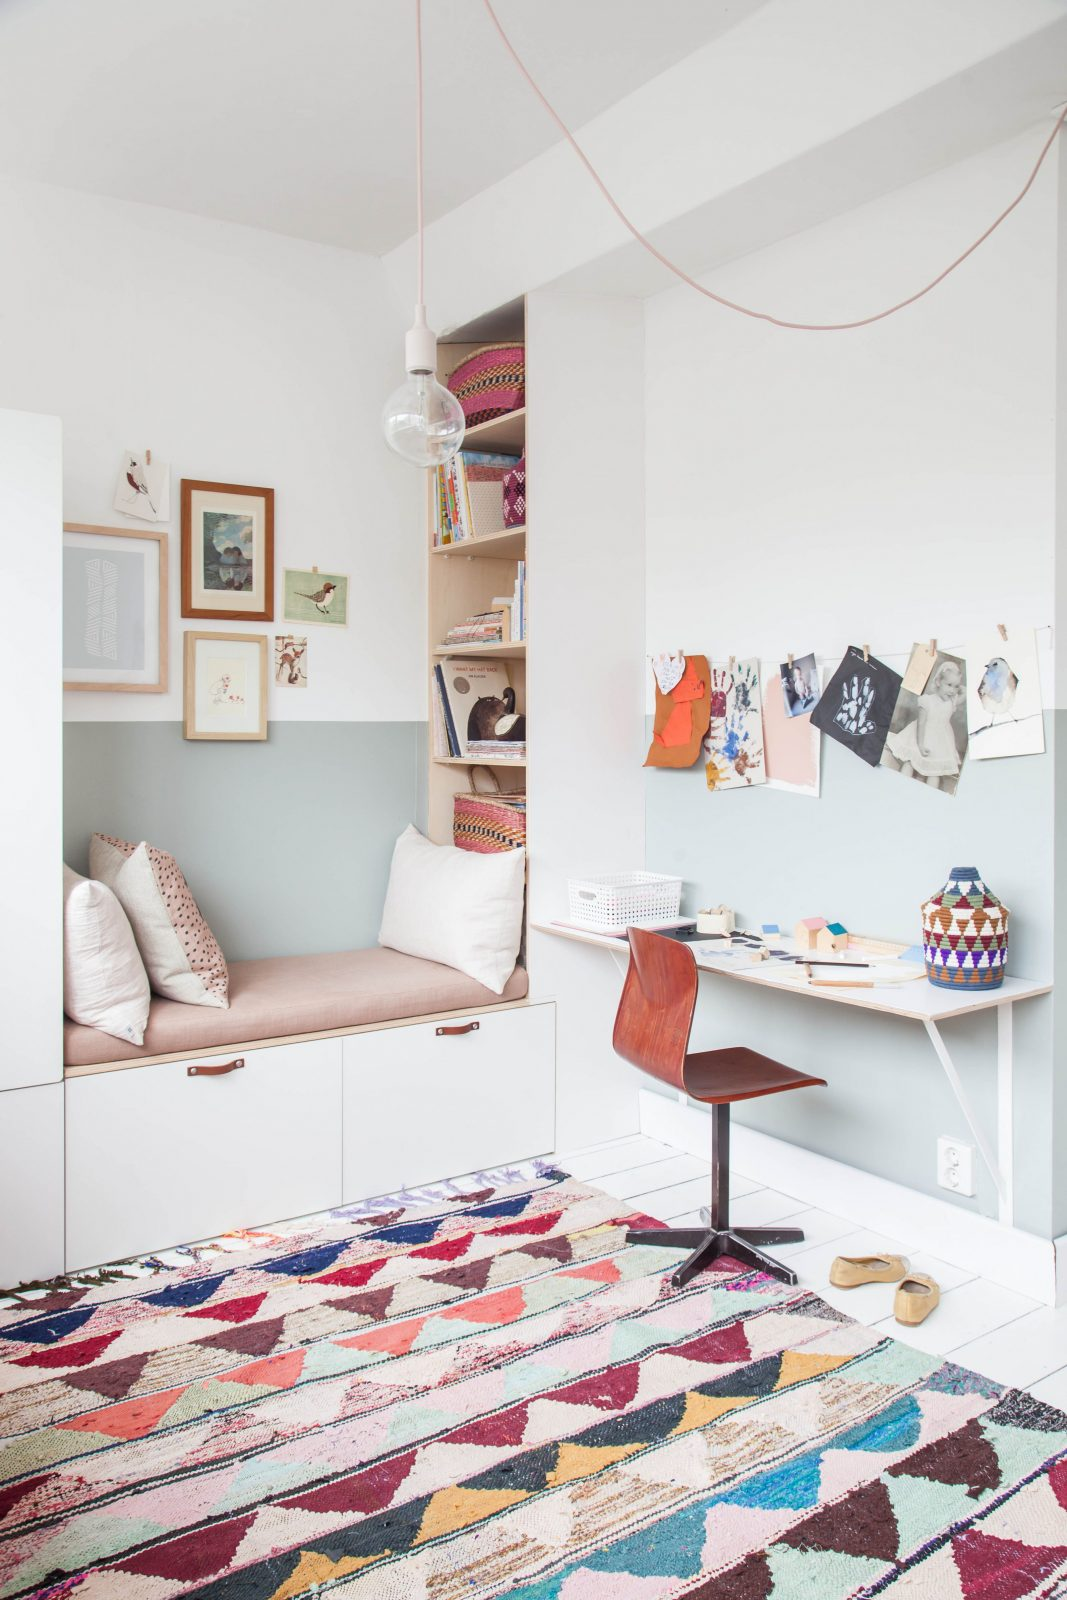 Kinderzimmer Idee Schöne Kuschelecke Bzw Leseecke Mit von Babyzimmer Zwillinge Komplett Photo